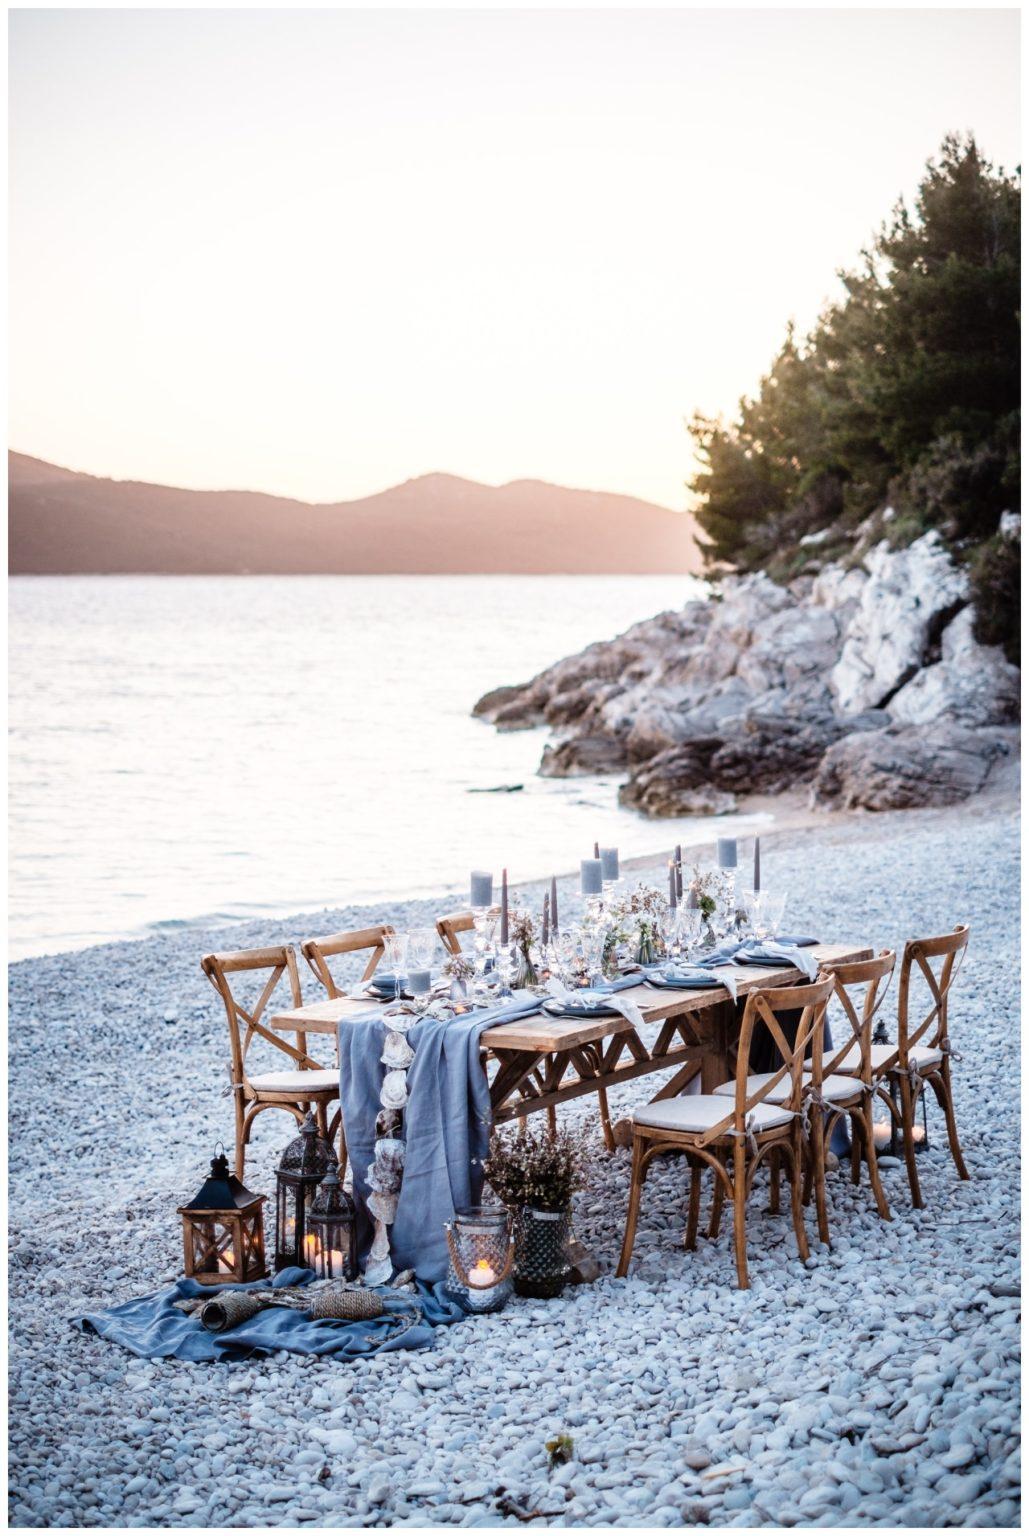 Hochzeit Strand Kroatien Hochzetsplanung Hochzeitsplaner Fotograf 30 - Kleine Hochzeit am Strand